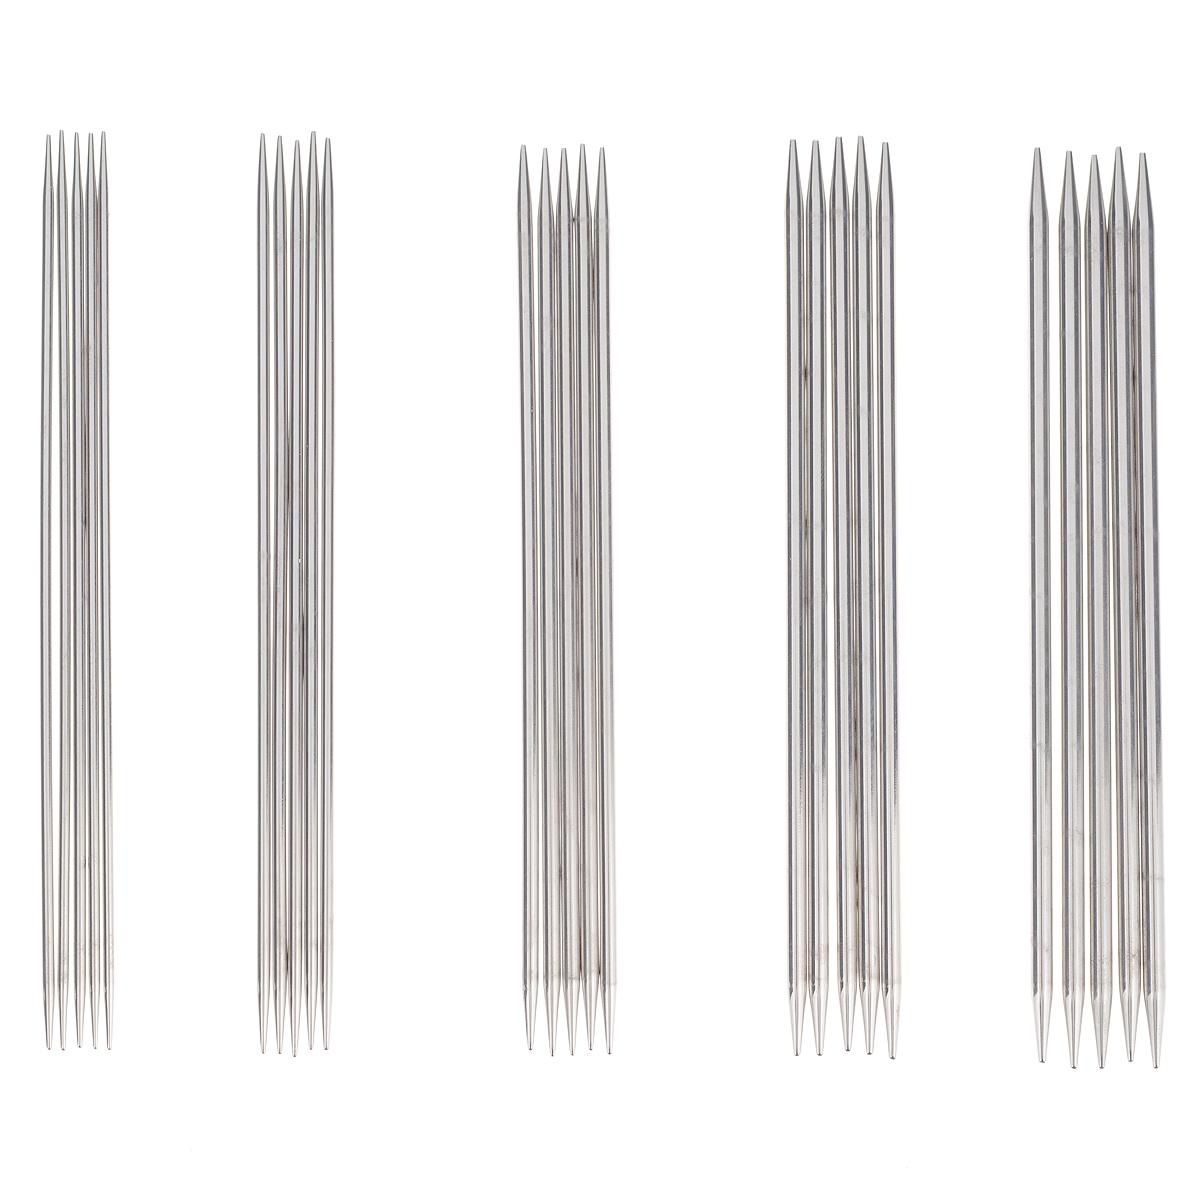 Набор чулочных спиц KnitPro Nova Meta, 6 предметов10651Набор KnitPro Nova Meta состоит из 5 комплектов чулочных спиц разного диаметра и пластиковой сумки-чехла для хранения спиц. Невероятно легкие, глянцевые с клиновидными наконечниками восхитительные спицы KnitPro Nova Metal изготовлены из никелированной латуни, что обеспечивает гладкую, атласную поверхность, которая позволяет петлям перемещаться свободно и быстро. Спицы без ограничителей предназначены для вязания шапочек, варежек и носков. Вы сможете вязать для себя и делать подарки друзьям. Рукоделие всегда считалось изысканным, благородным делом. Работа, сделанная своими руками, долго будет радовать вас и ваших близких. Диаметр спиц: 2 мм, 2,5 мм, 3 мм, 3,5 мм, 4 мм.